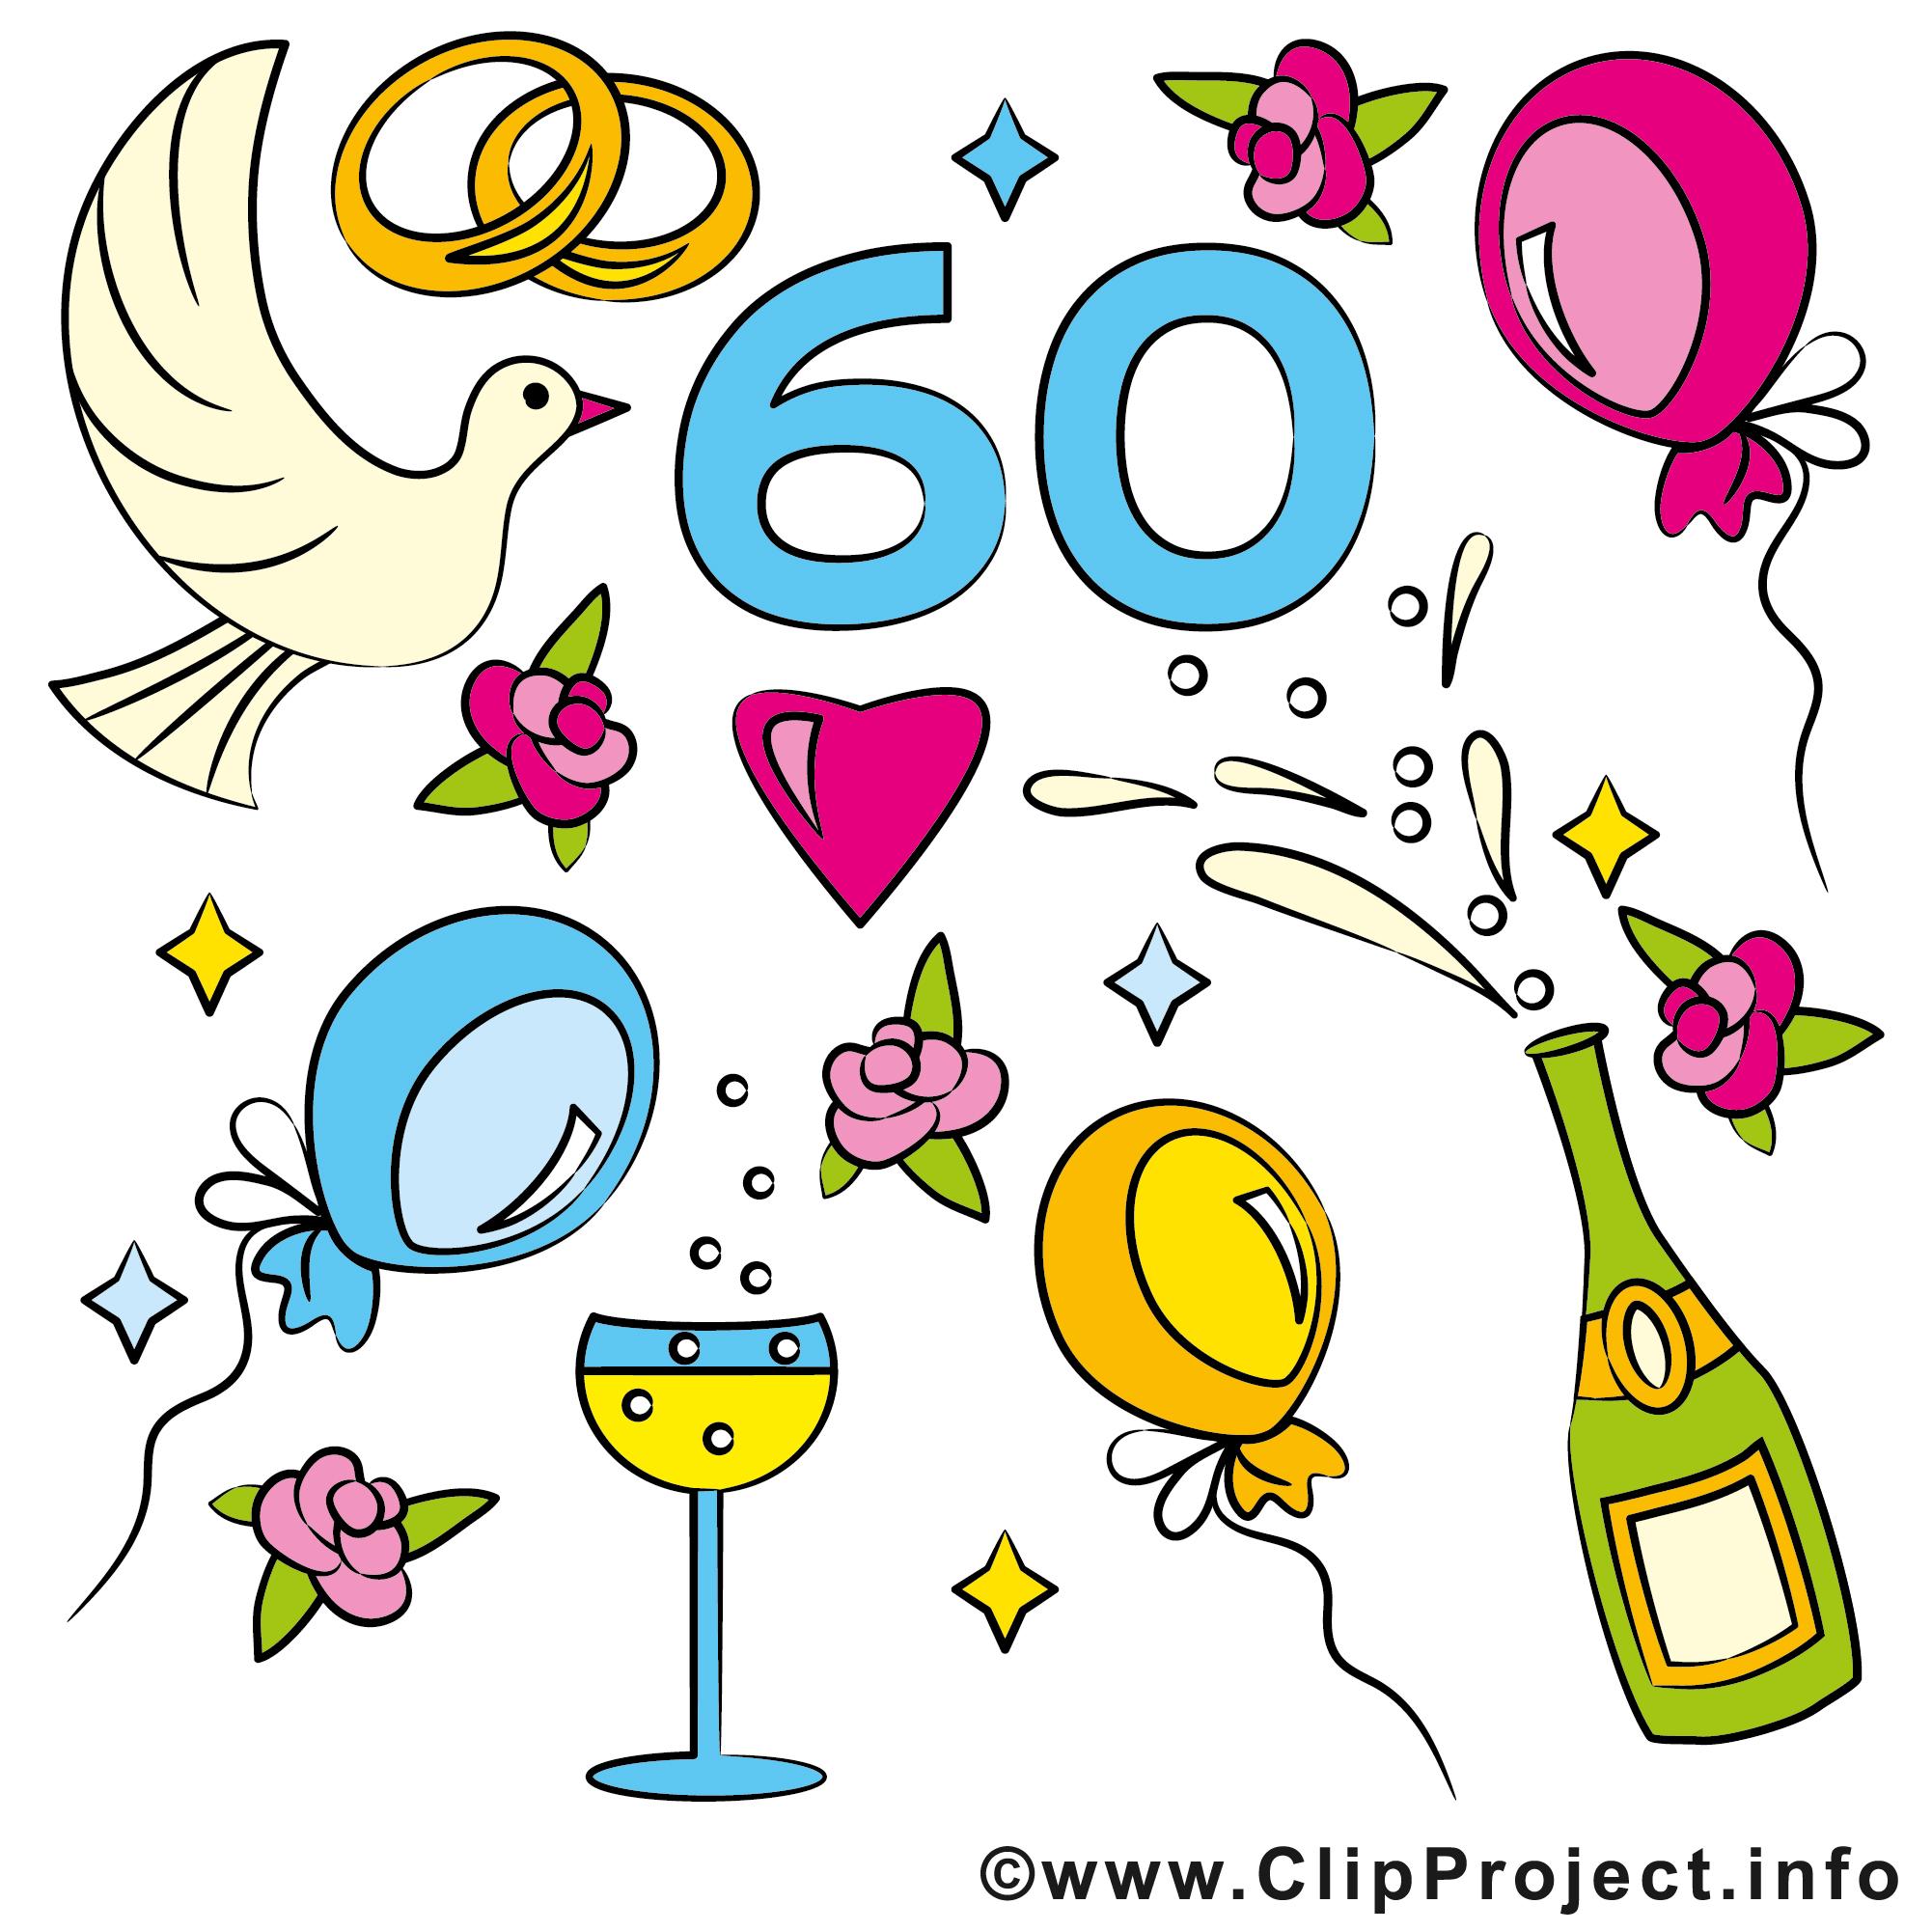 60 ans champagne anniversaire mariage dessin - Dessin pour anniversaire 60 ans ...